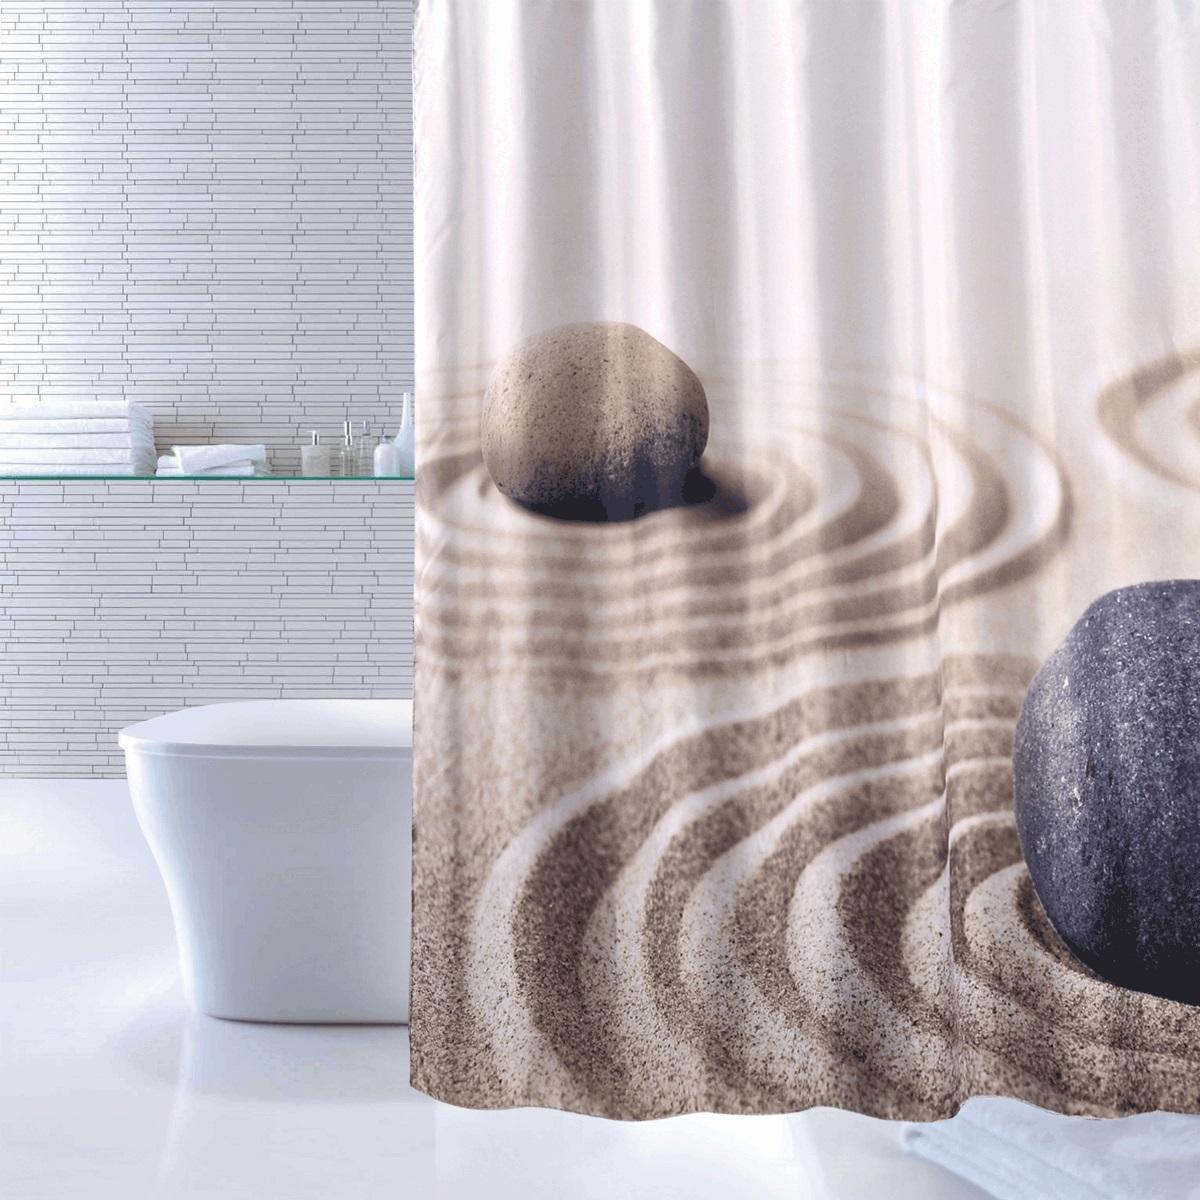 Штора для ванной Iddis Sandy, цвет: бежевый, 180 x 200 см640P18Ri11Штора для ванной комнаты Iddis выполнена из быстросохнущего материала - 100% полиэстера, что обеспечивает прочность изделия и легкость ухода за ним.Материал шторы пропитан специальным водоотталкивающим составом Waterprof.Изделие изготовлено из экологически-чистого материала, оно обладает высокой степенью гигиеничности, не вызывает аллергических реакций.Штора имеет 12 металлических люверсов. В комплекте: штора и кольца.